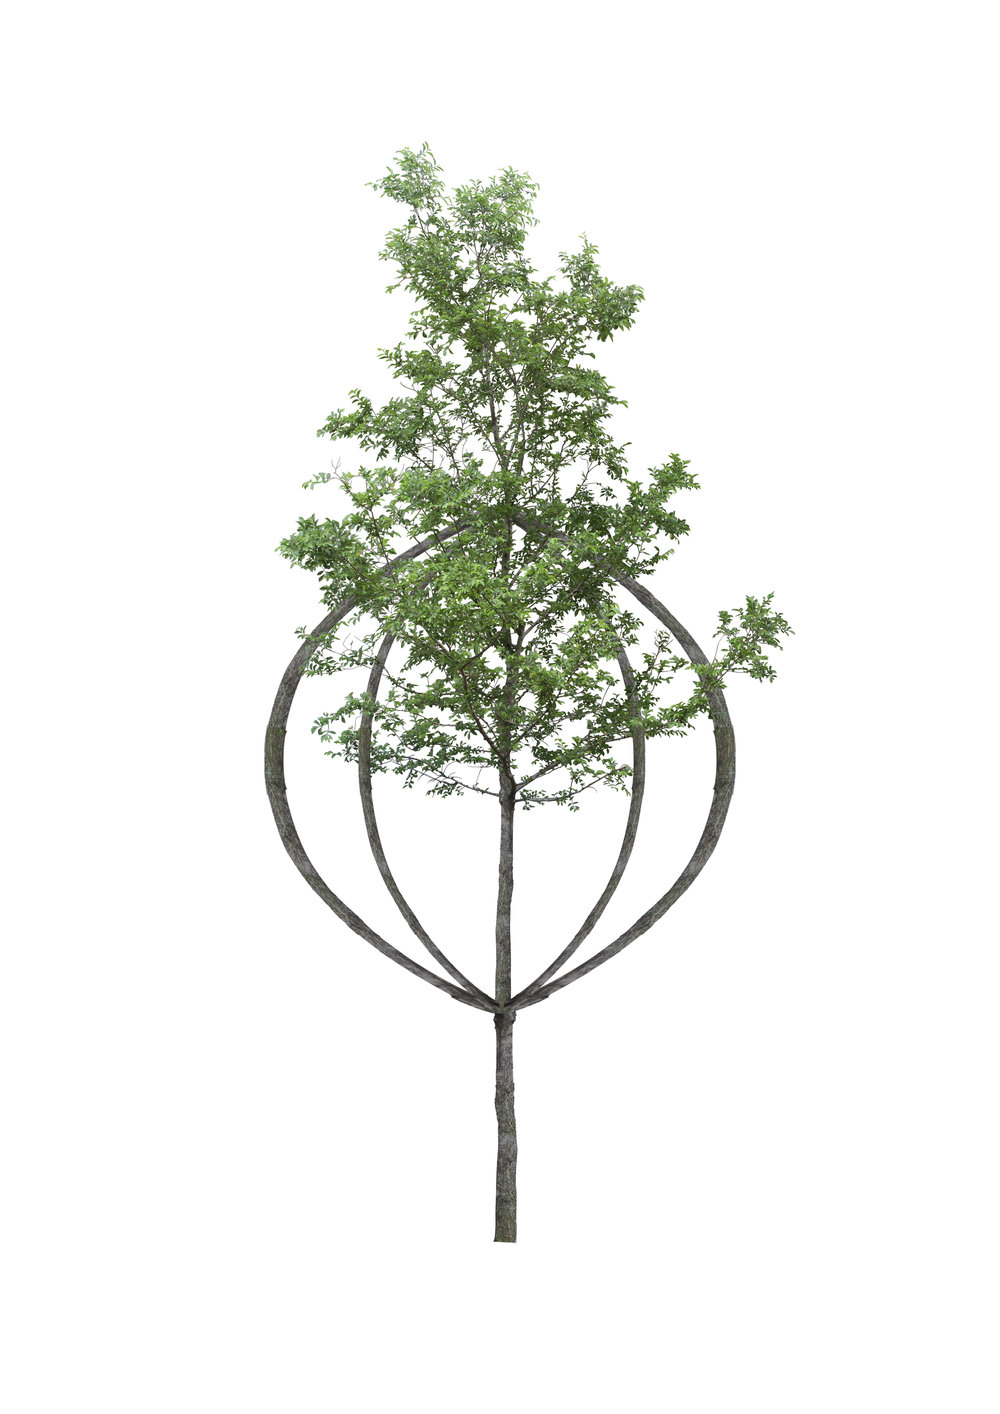 Tree shapes -